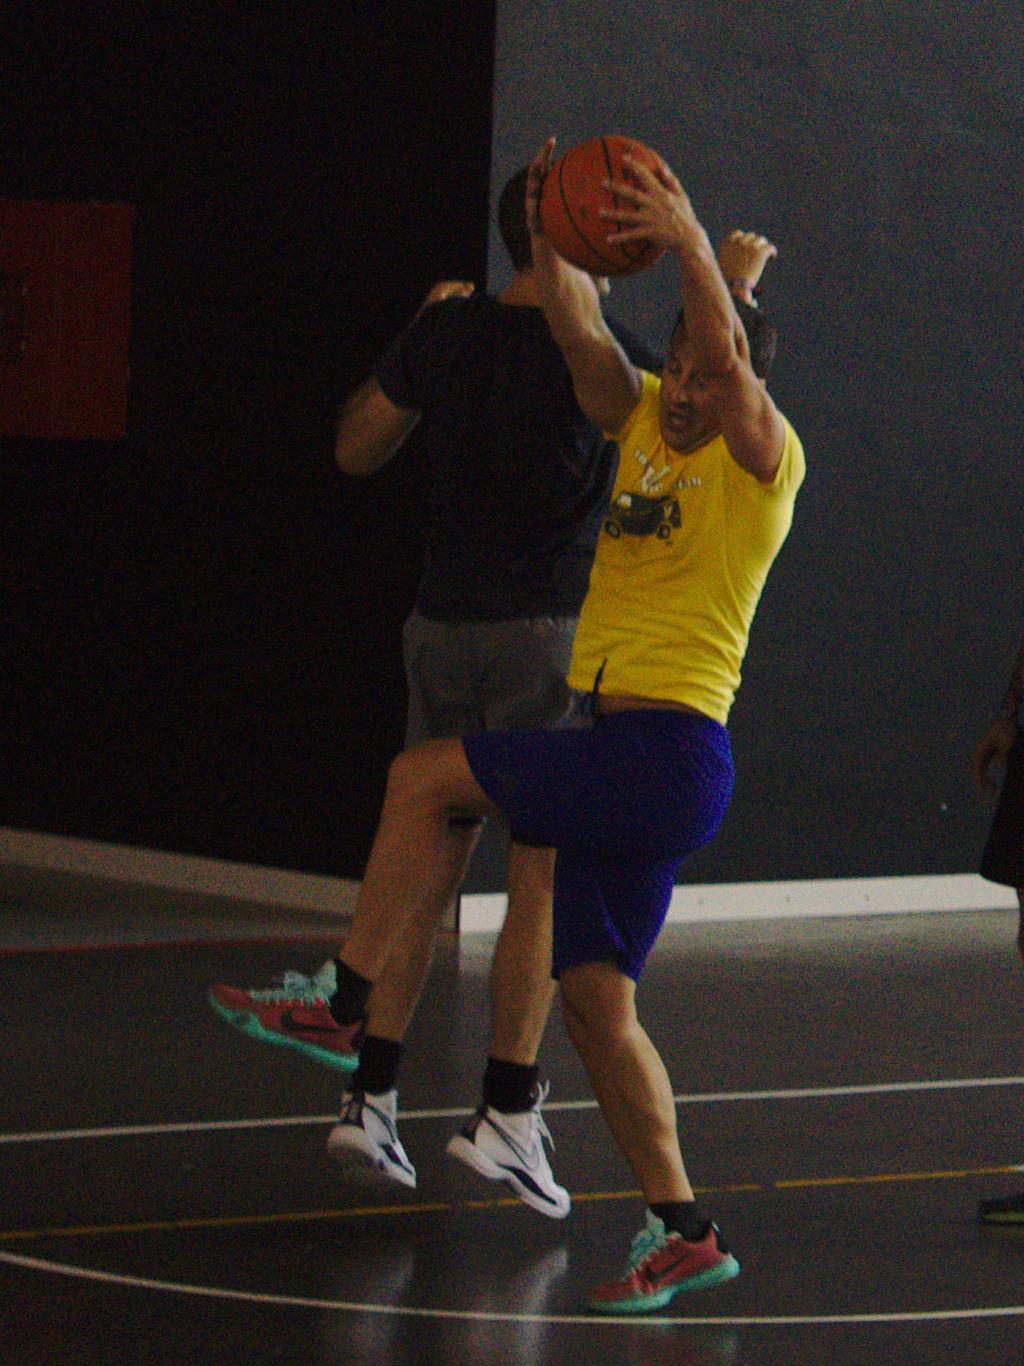 Pachanga De Basket ARF ¡ OTRO AÑO MAS ROCKET CAMPEÓN! - Página 12 Dsc02413